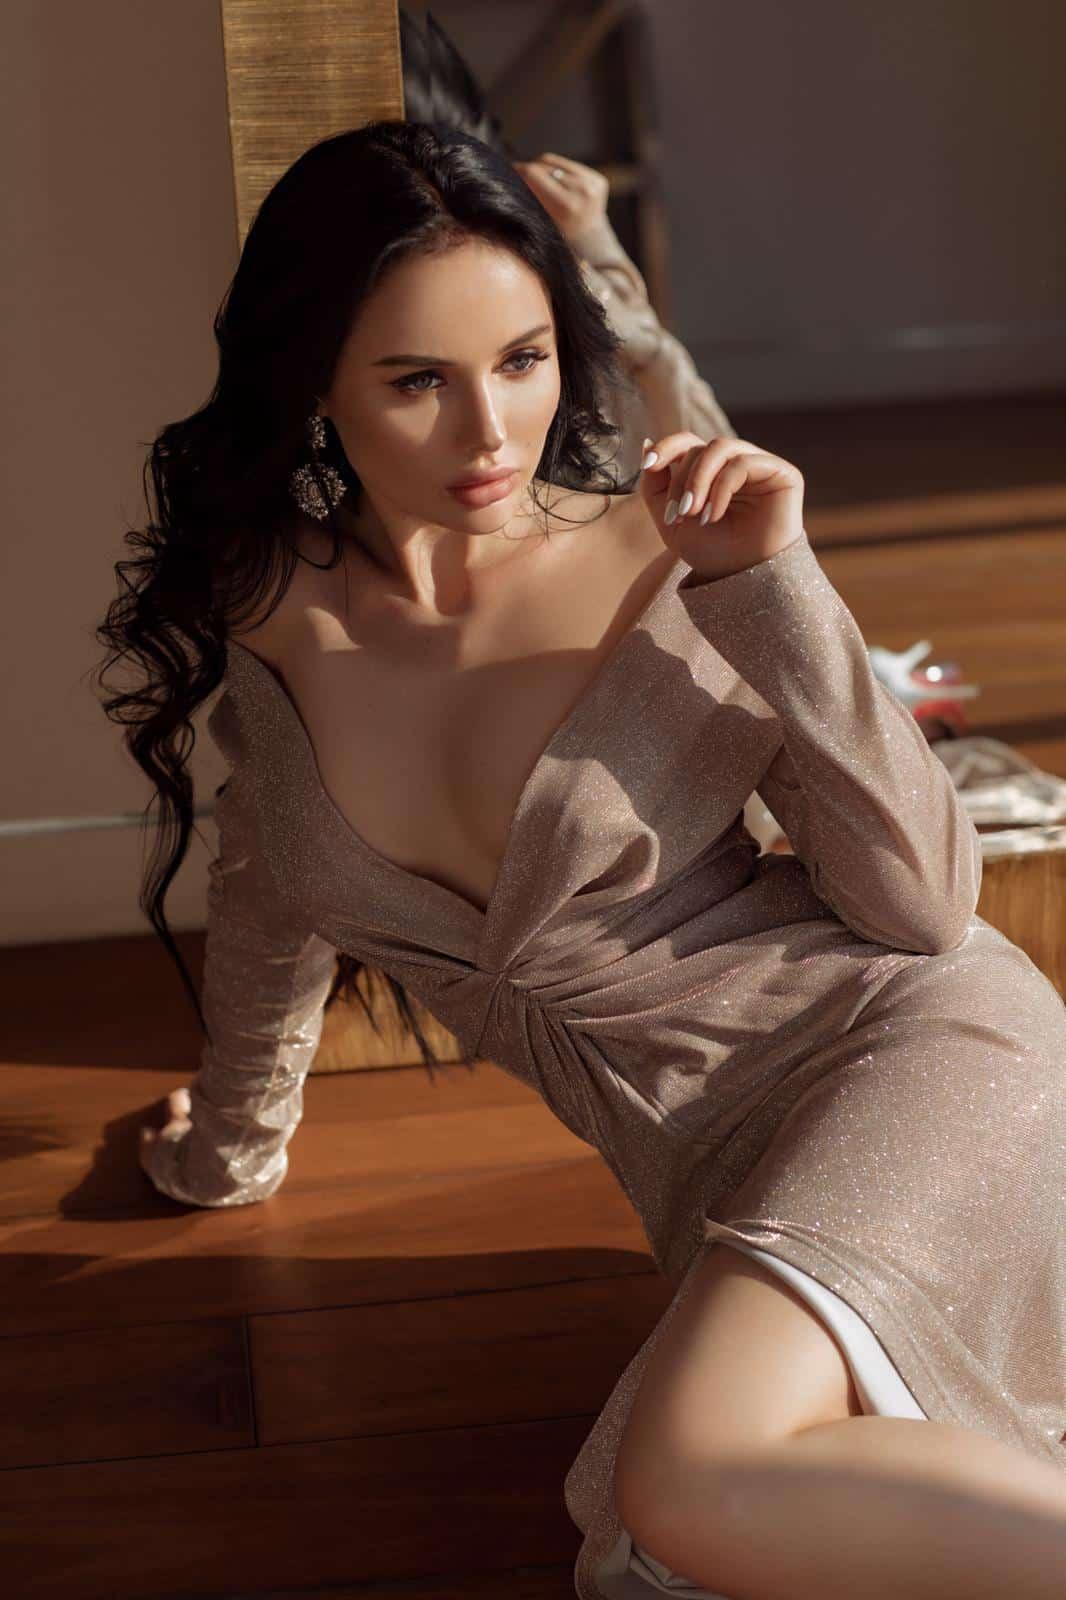 Clancy Russian Brunette Mayfair